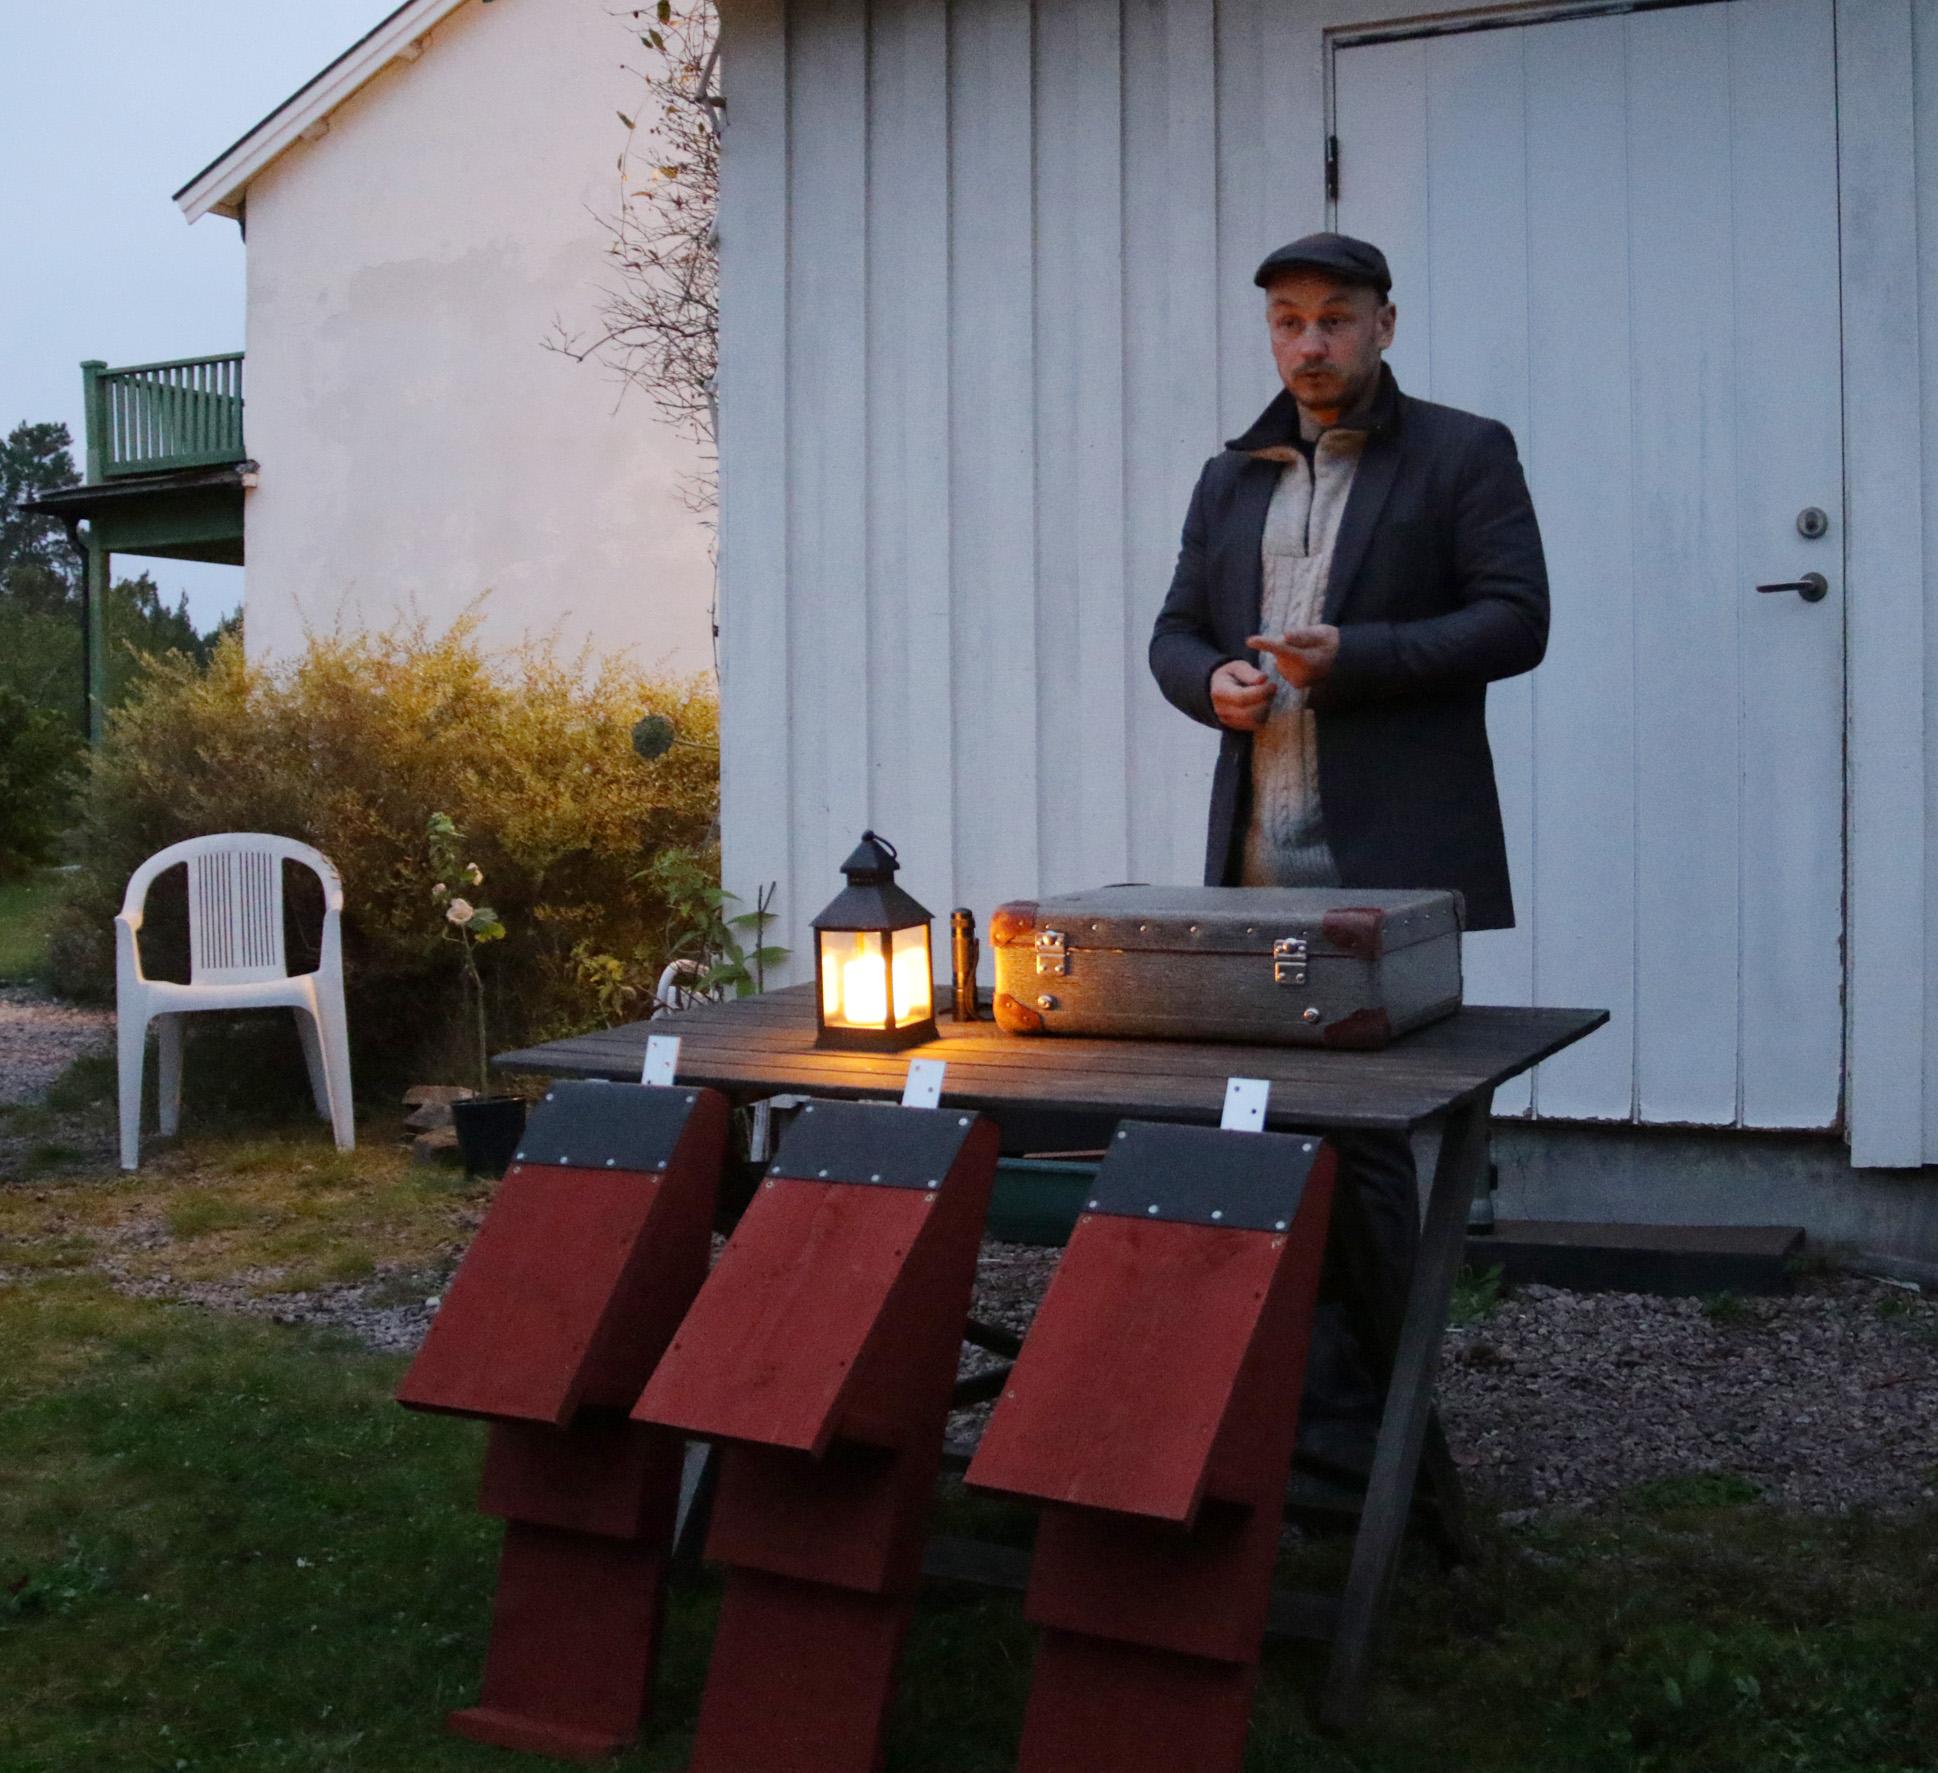 Espen Jensen som forskar på fladdermöss lockade många deltagare till inventeringskvällen i Vånevik den 27 september.